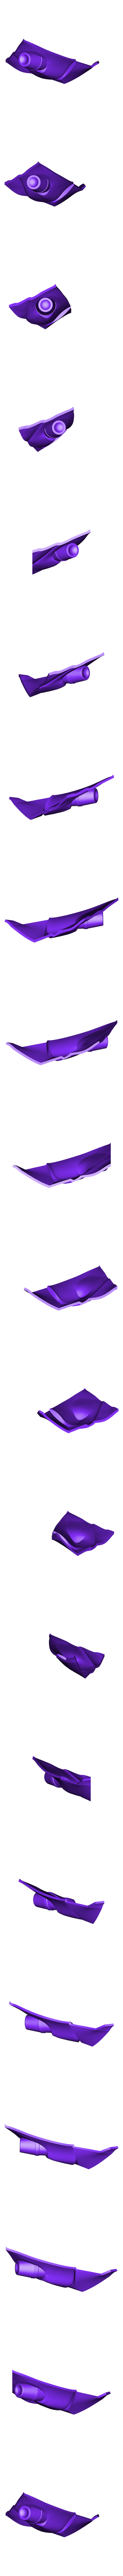 Part 6 v3.stl Download STL file Red Hood Helmet Injustice 2 • Model to 3D print, VillainousPropShop